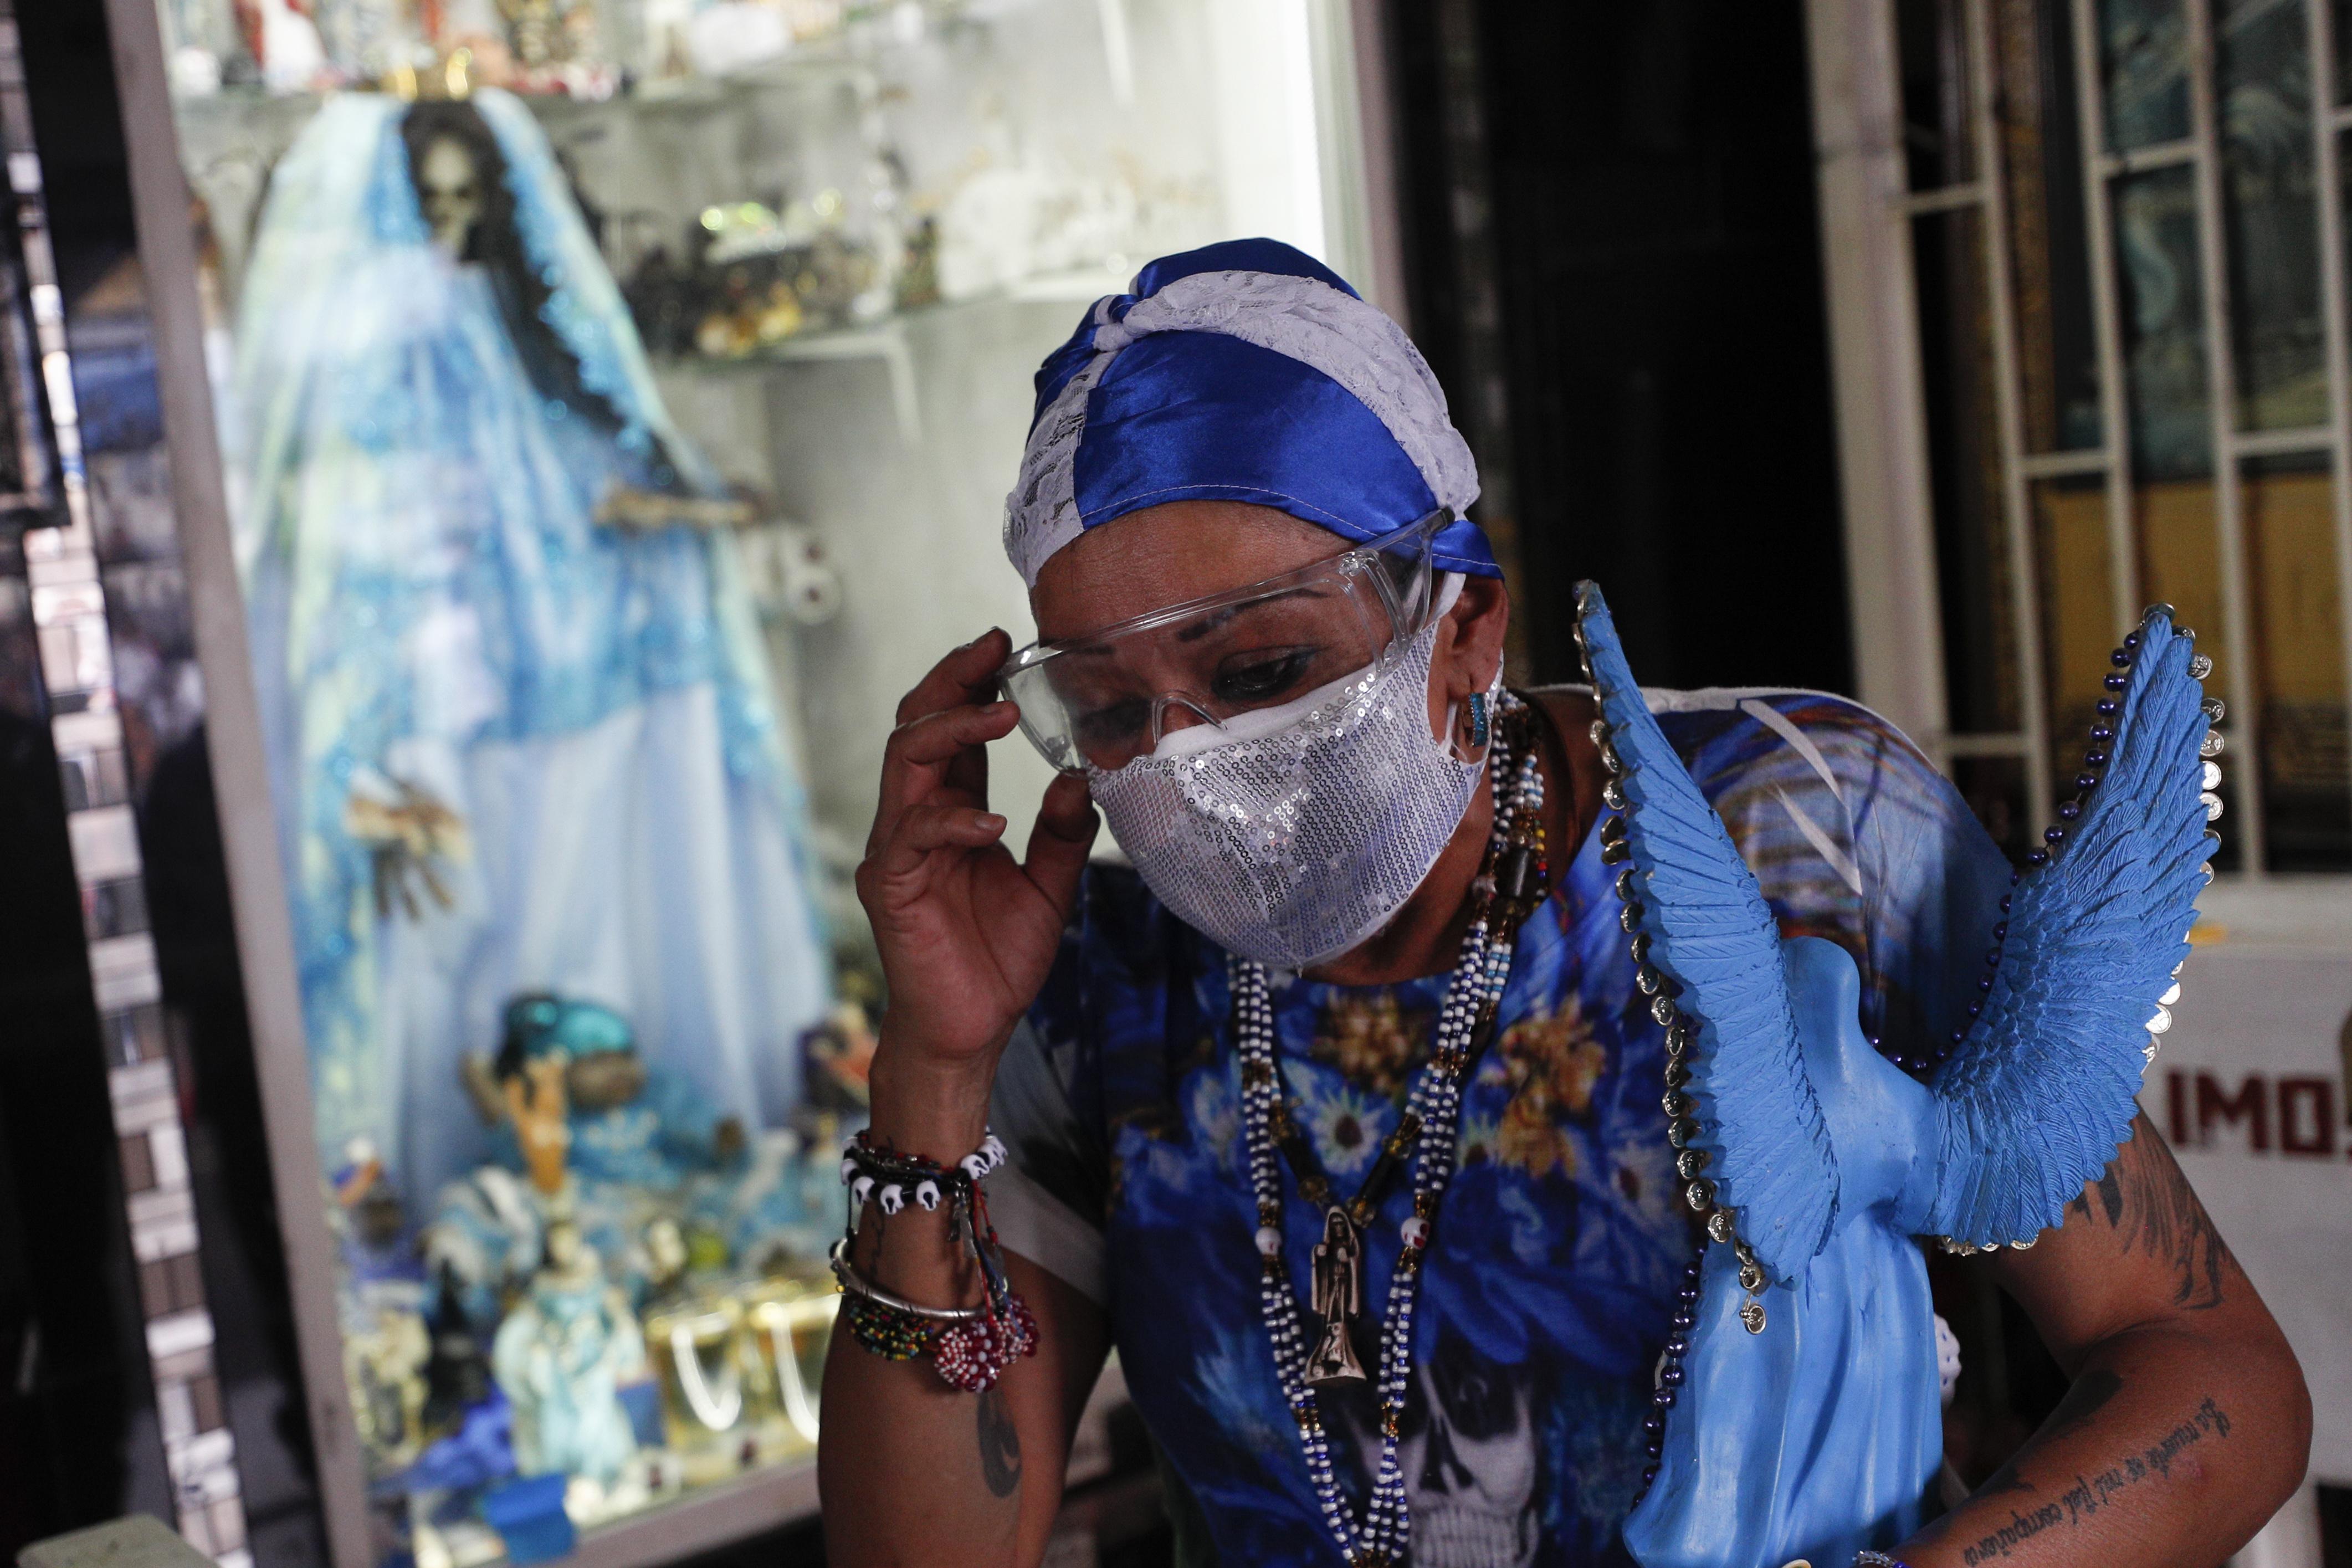 Una mujer se ajusta las gafas protectoras mientras se va después de visitar un altar a la Santa Muerte en el barrio de Tepito de la Ciudad de México, el lunes 1 de junio de 2020. (Foto AP / Rebecca Blackwell)